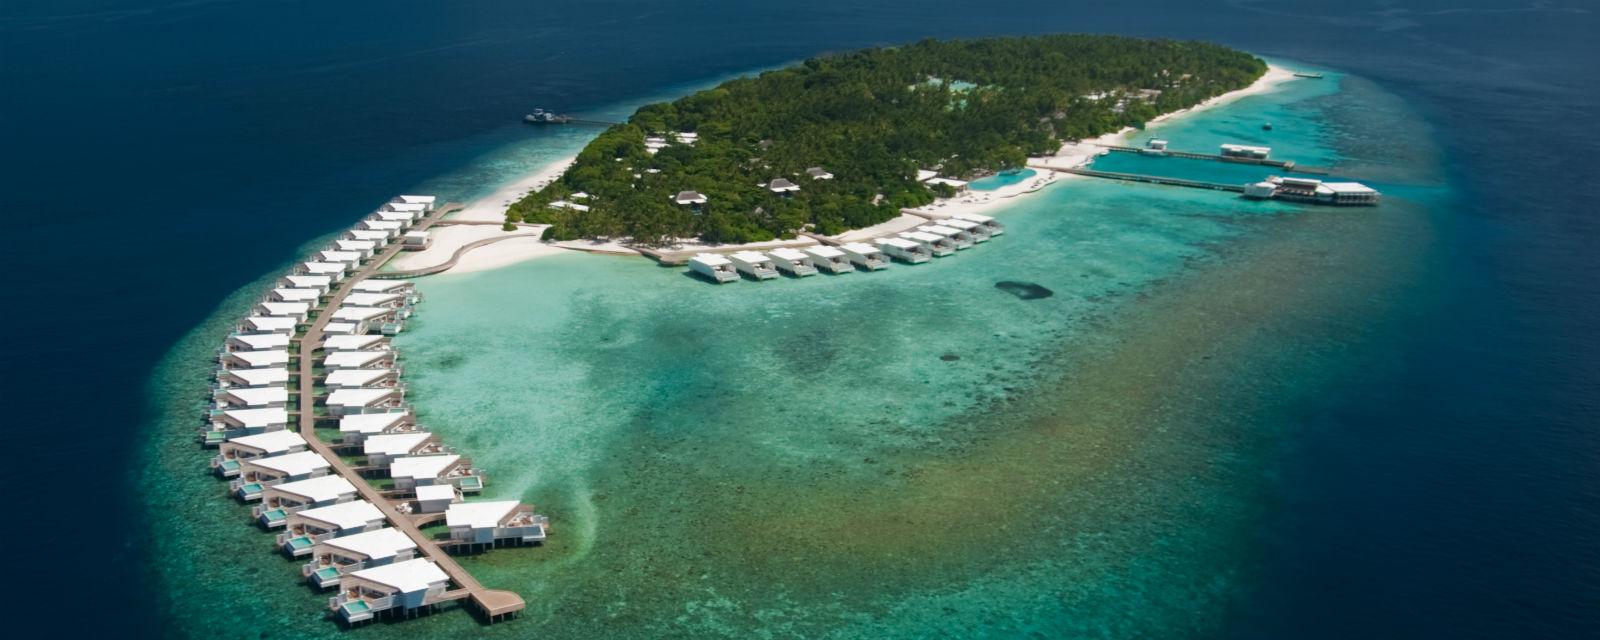 Amilla-Fushi-Baa-Maldives-ariel